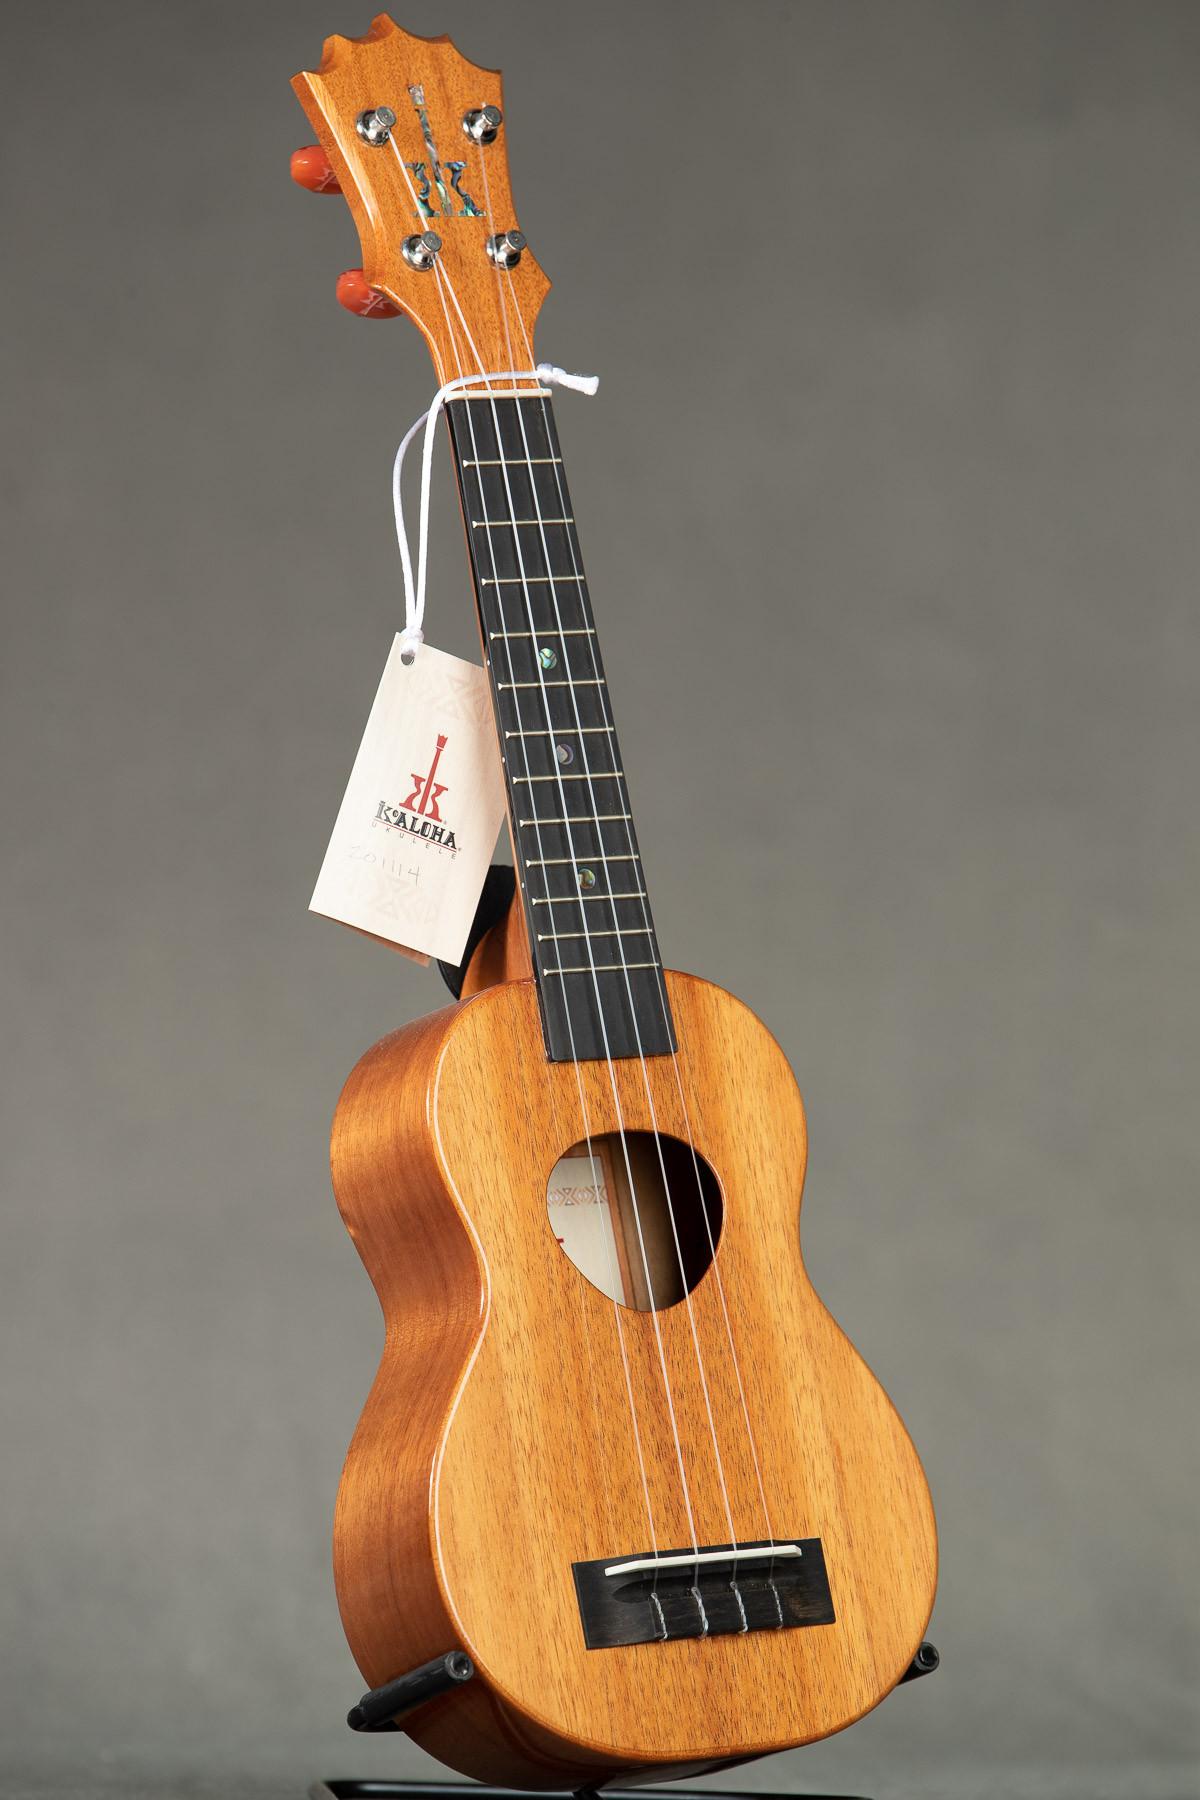 KoAloha Koa Gloss Soprano (KSM-00, Select from Available)